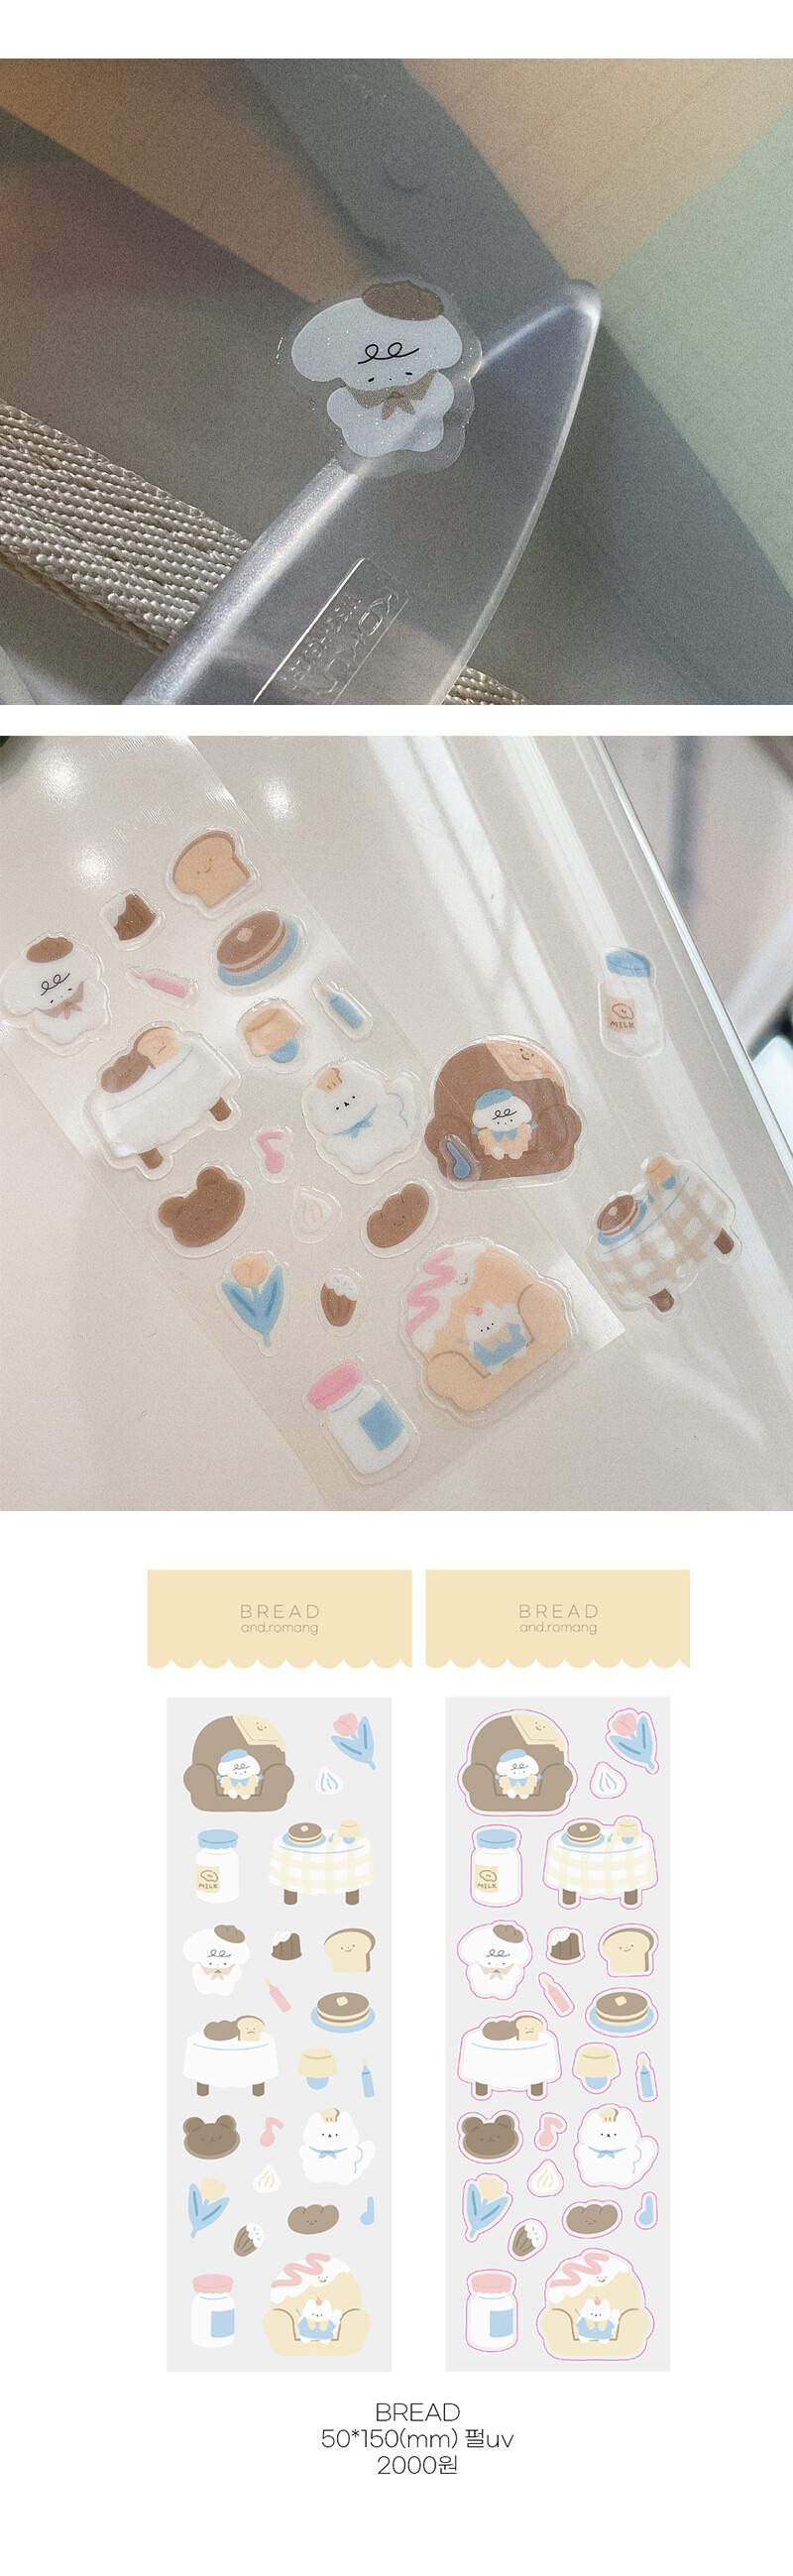 sticker1068